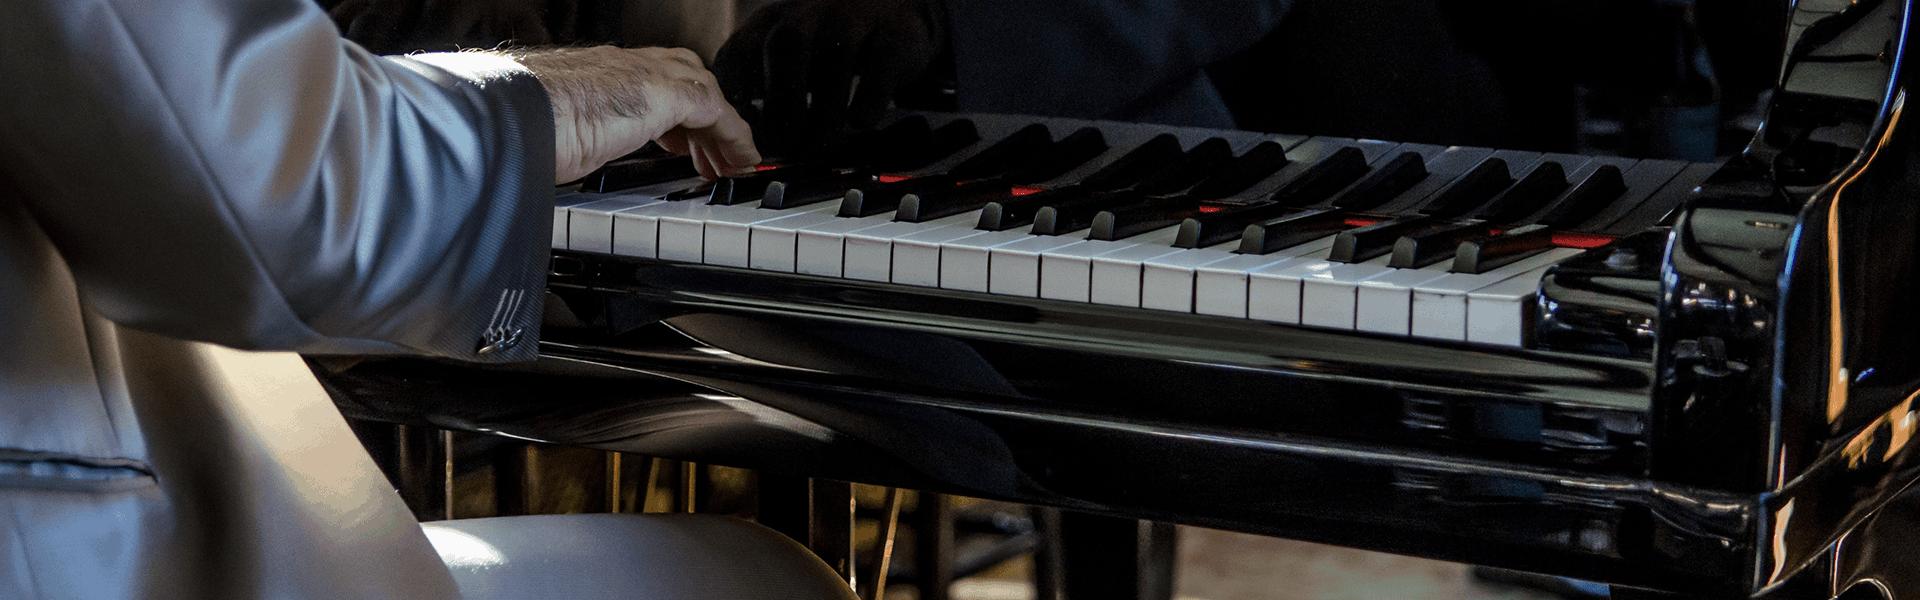 Klaviere und Flügel mieten